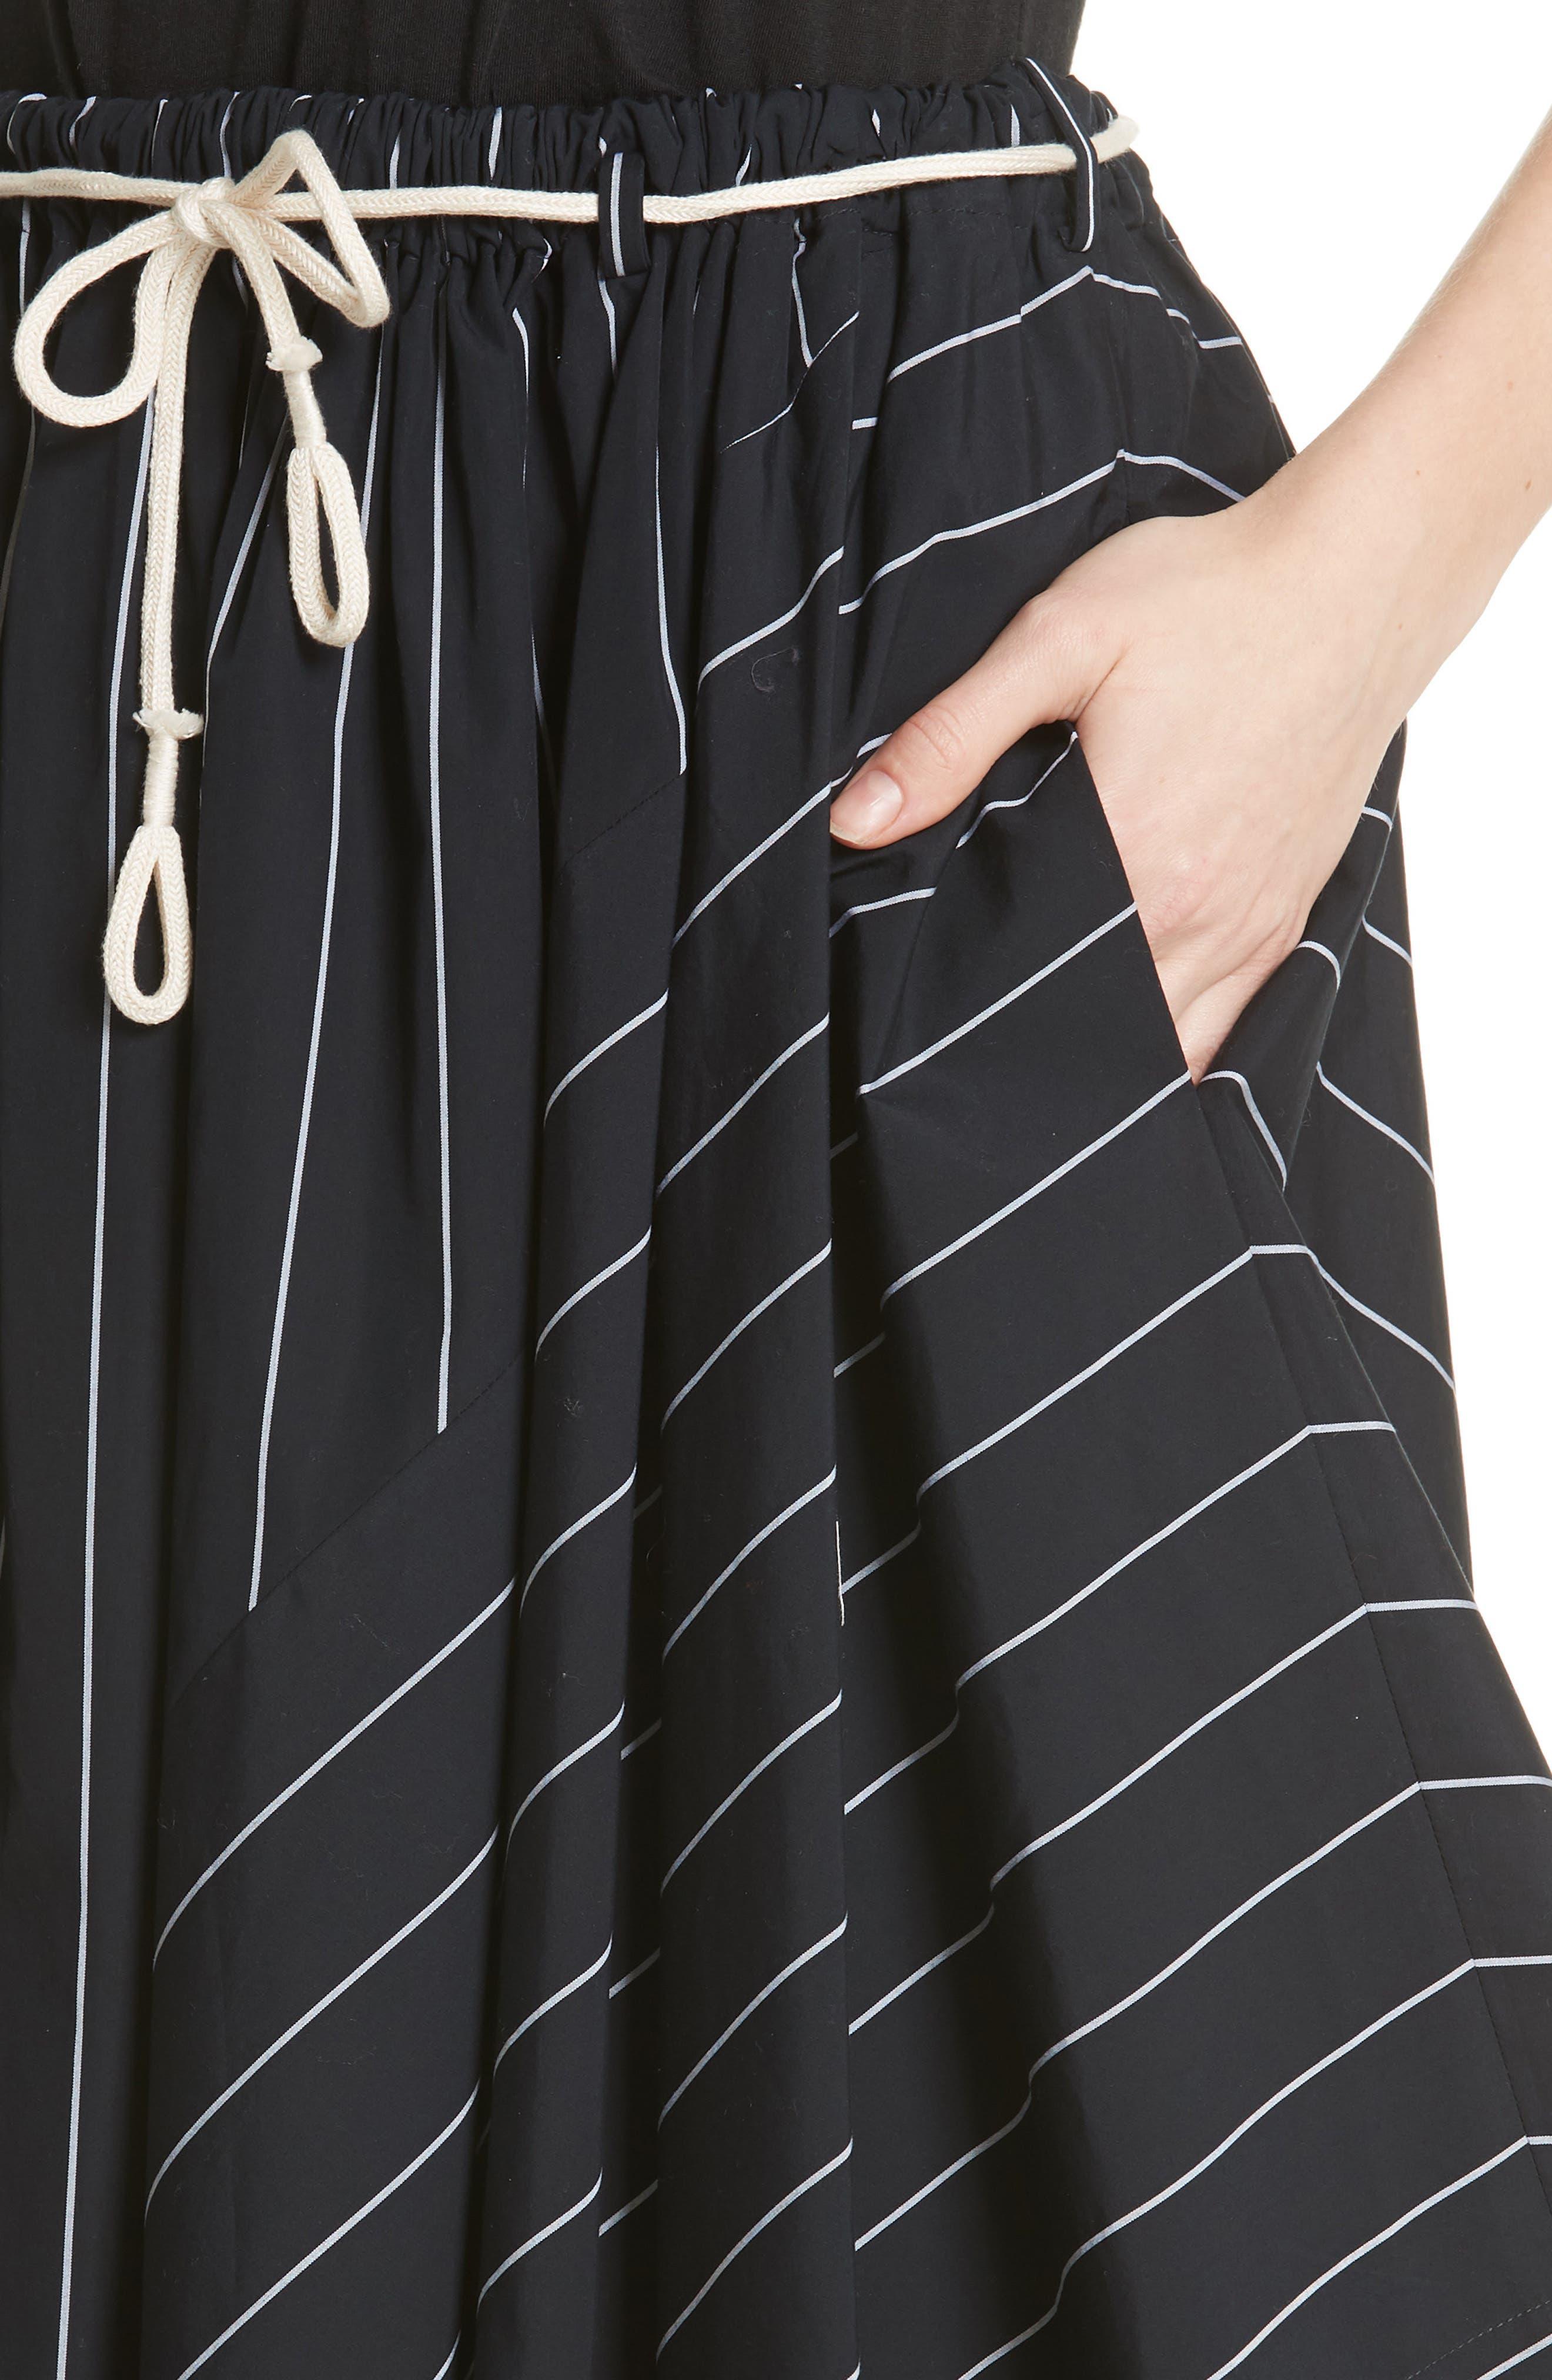 Skinny Stripe Asymmetrical Cotton Skirt,                             Alternate thumbnail 4, color,                             435